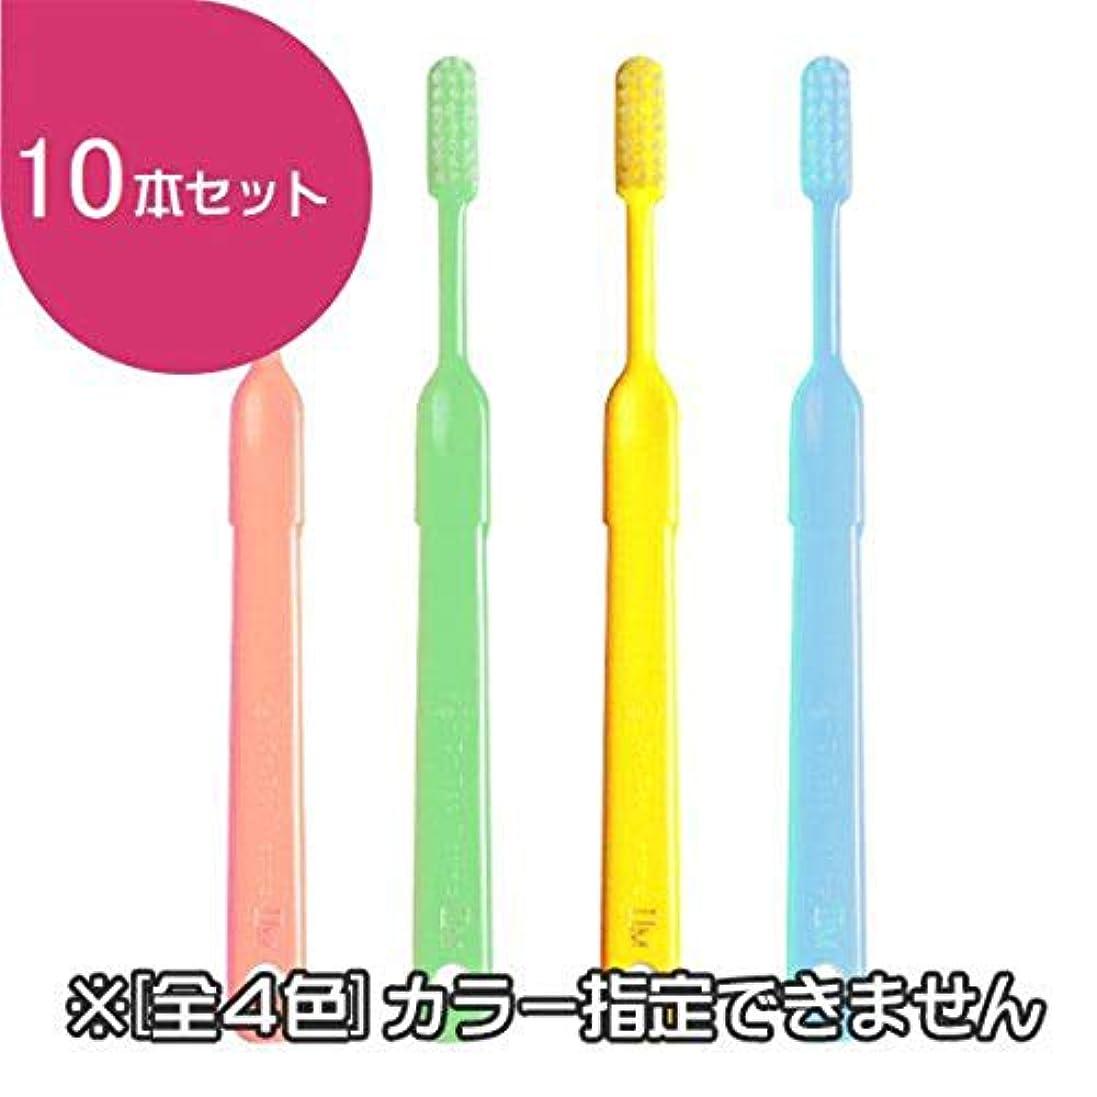 広げる道不透明なビーブランド ドクター ビーヤング2 歯ブラシ 10本(ソフト)